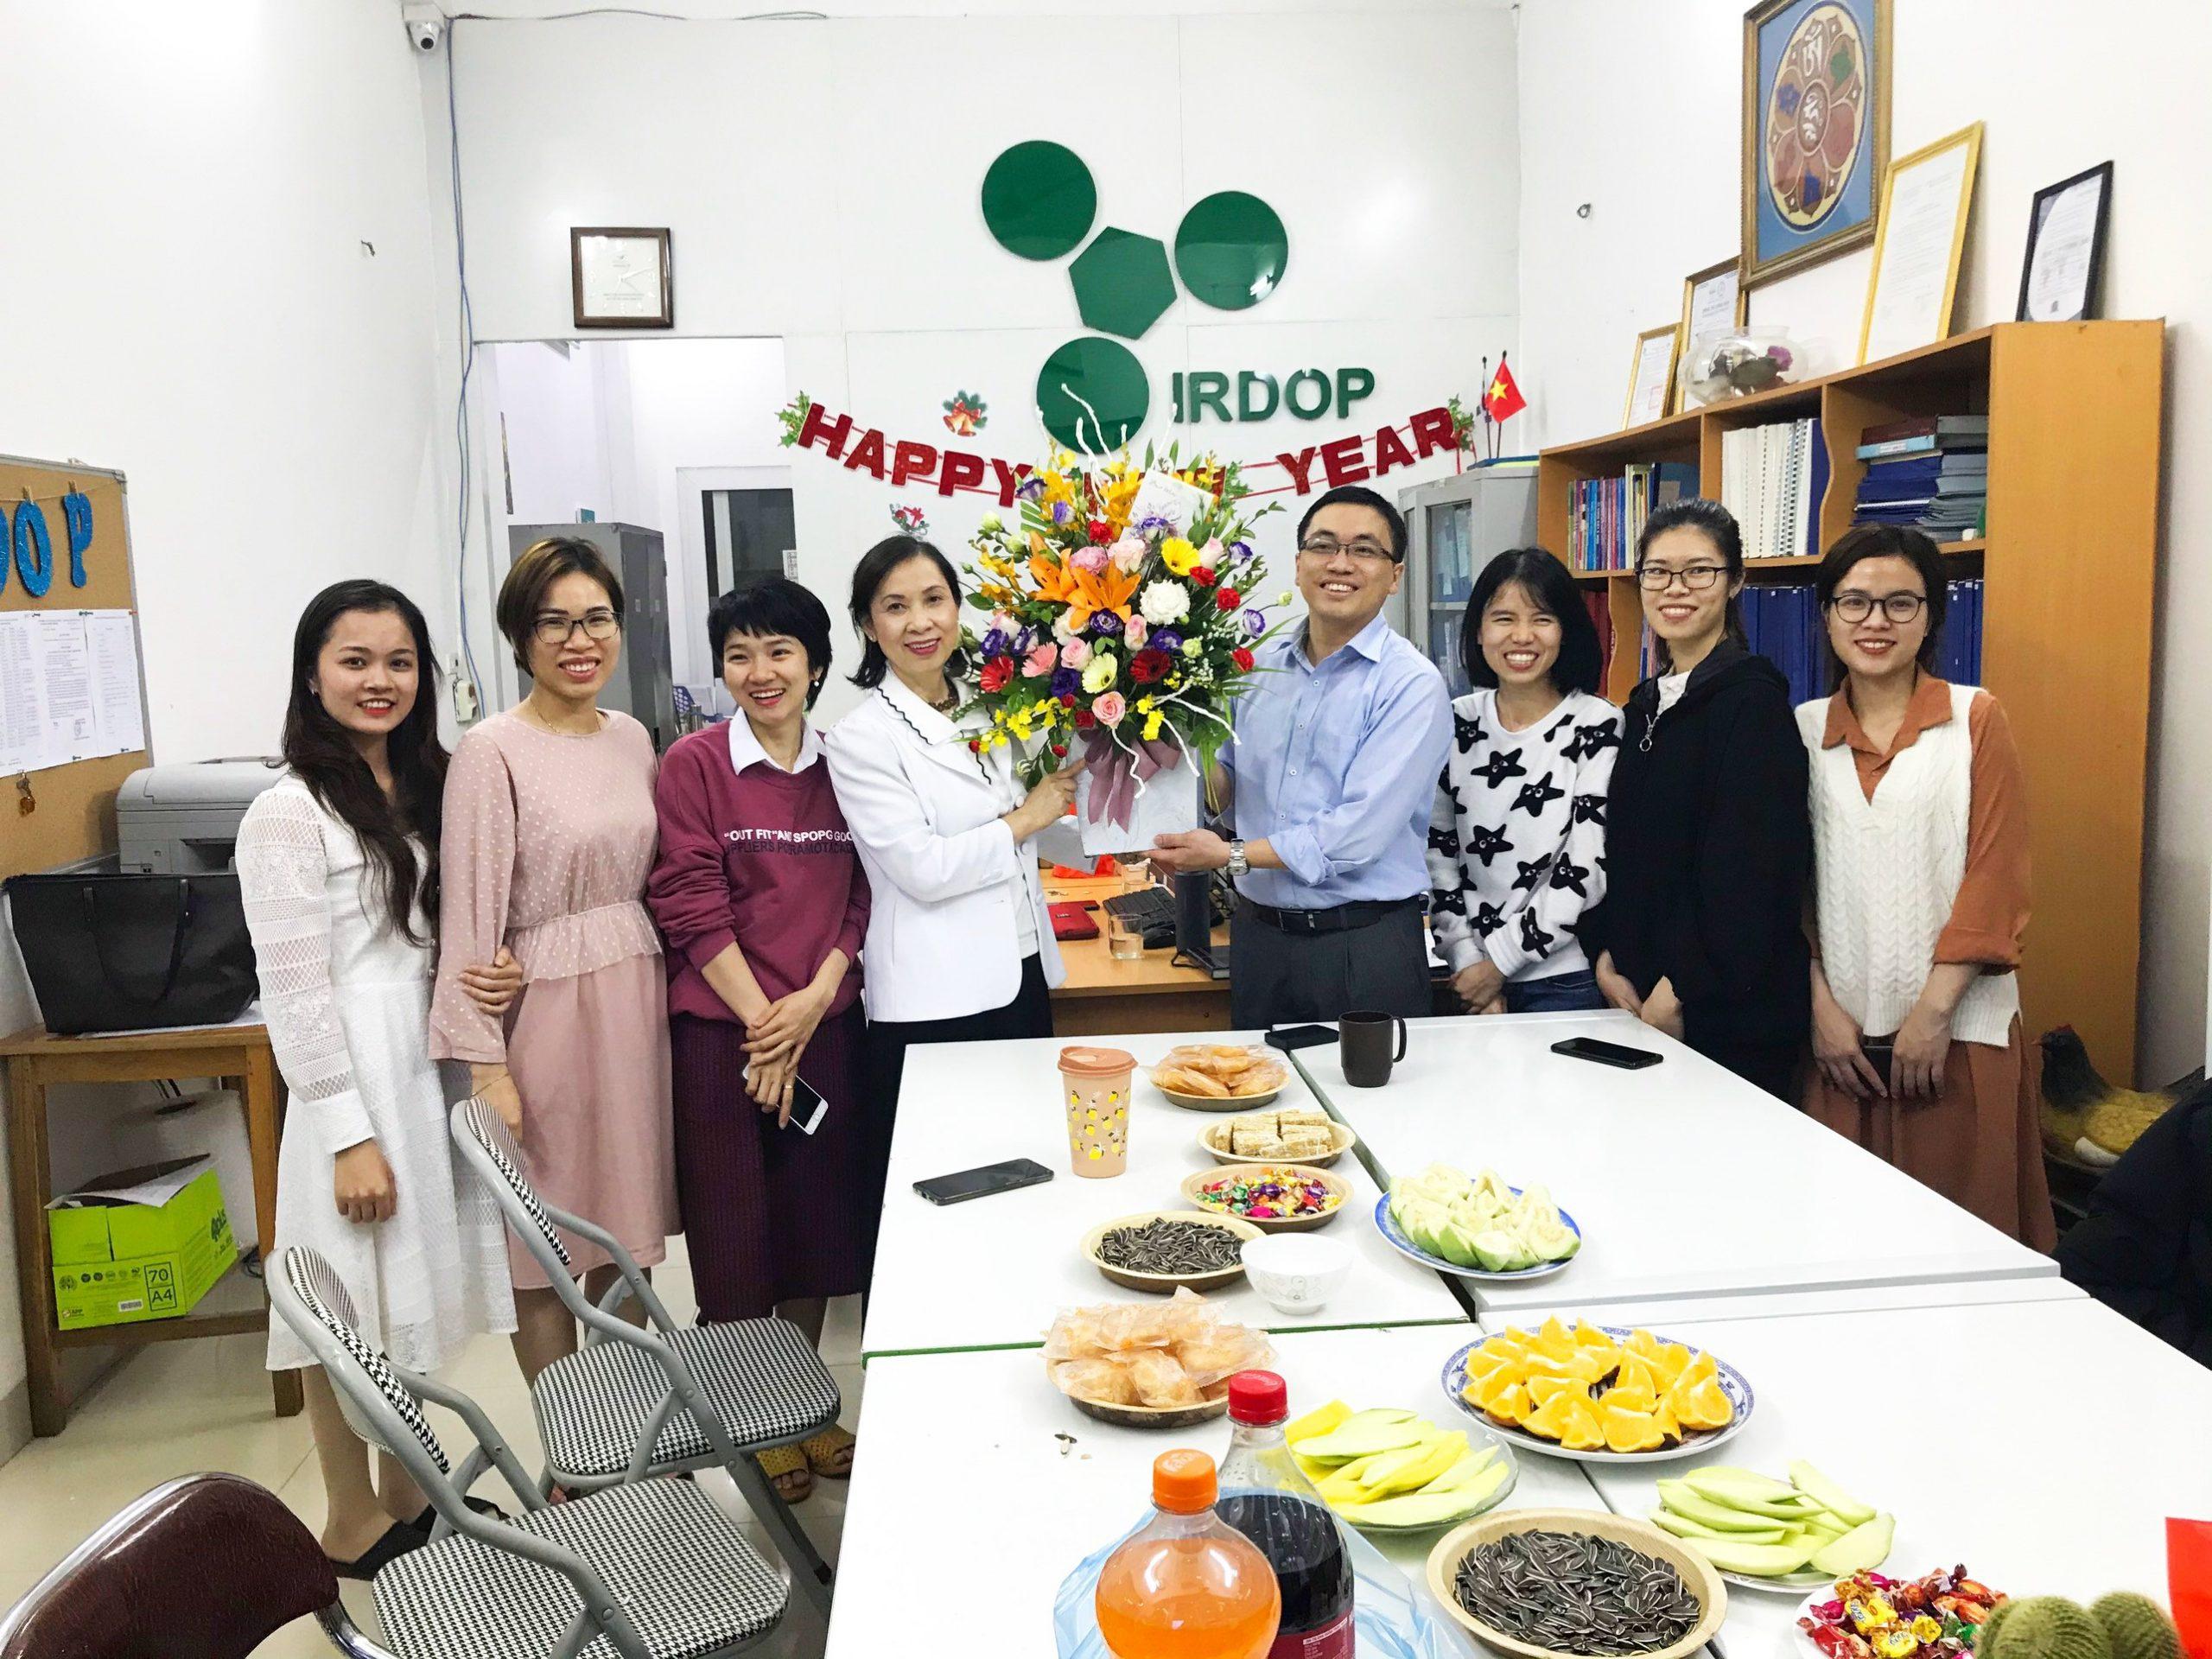 Lễ kỷ niệm Ngày Quốc tế Phụ nữ 8-3 tại Viện nghiên cứu và phát triển sản phẩm thiên nhiên